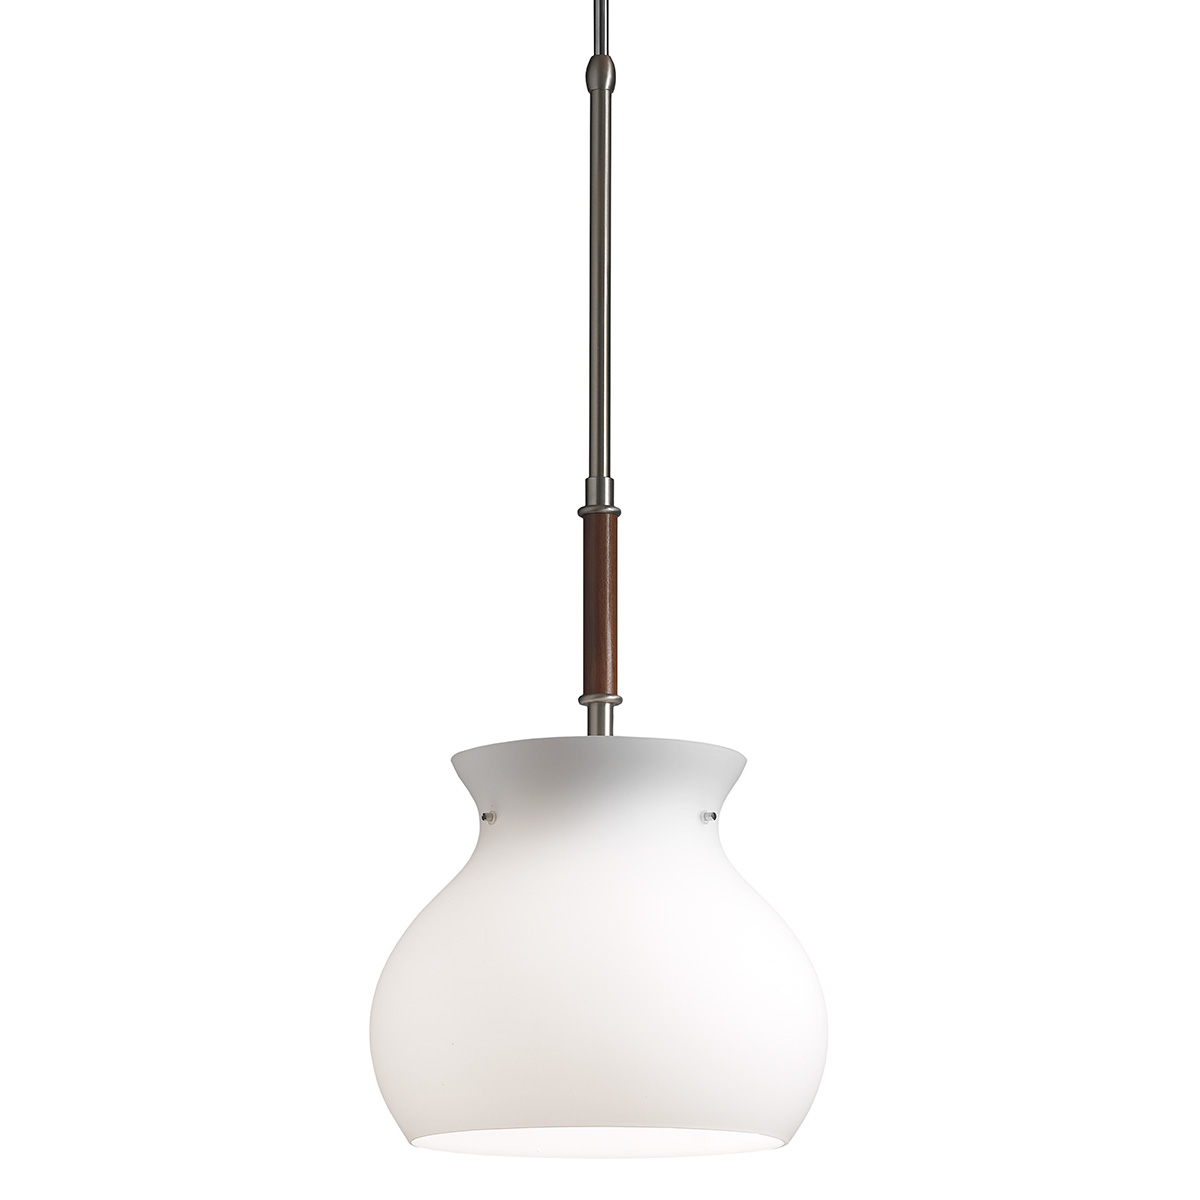 Φωτιστικό κρεμαστό Μουράνο GLOBO murano suspension lamp